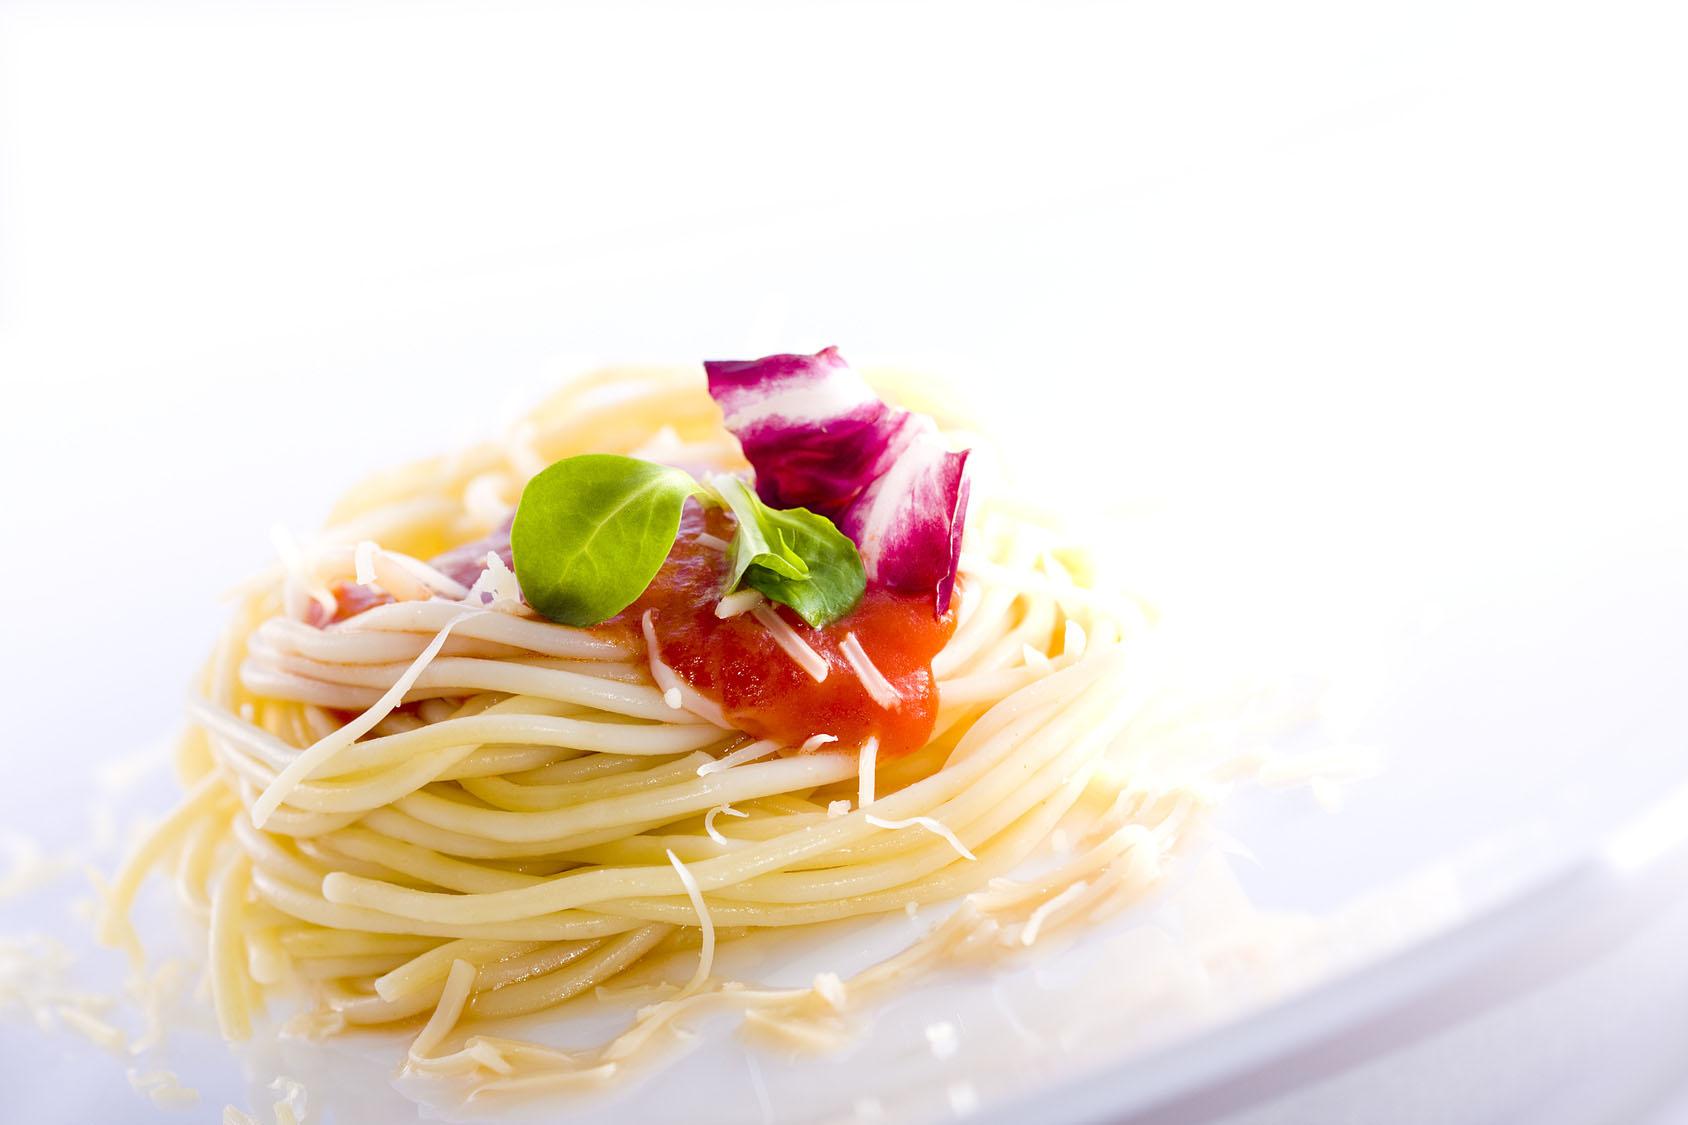 Dieta flexiteriana la conoces quiz s es la tuya - Con mucho gusto ...